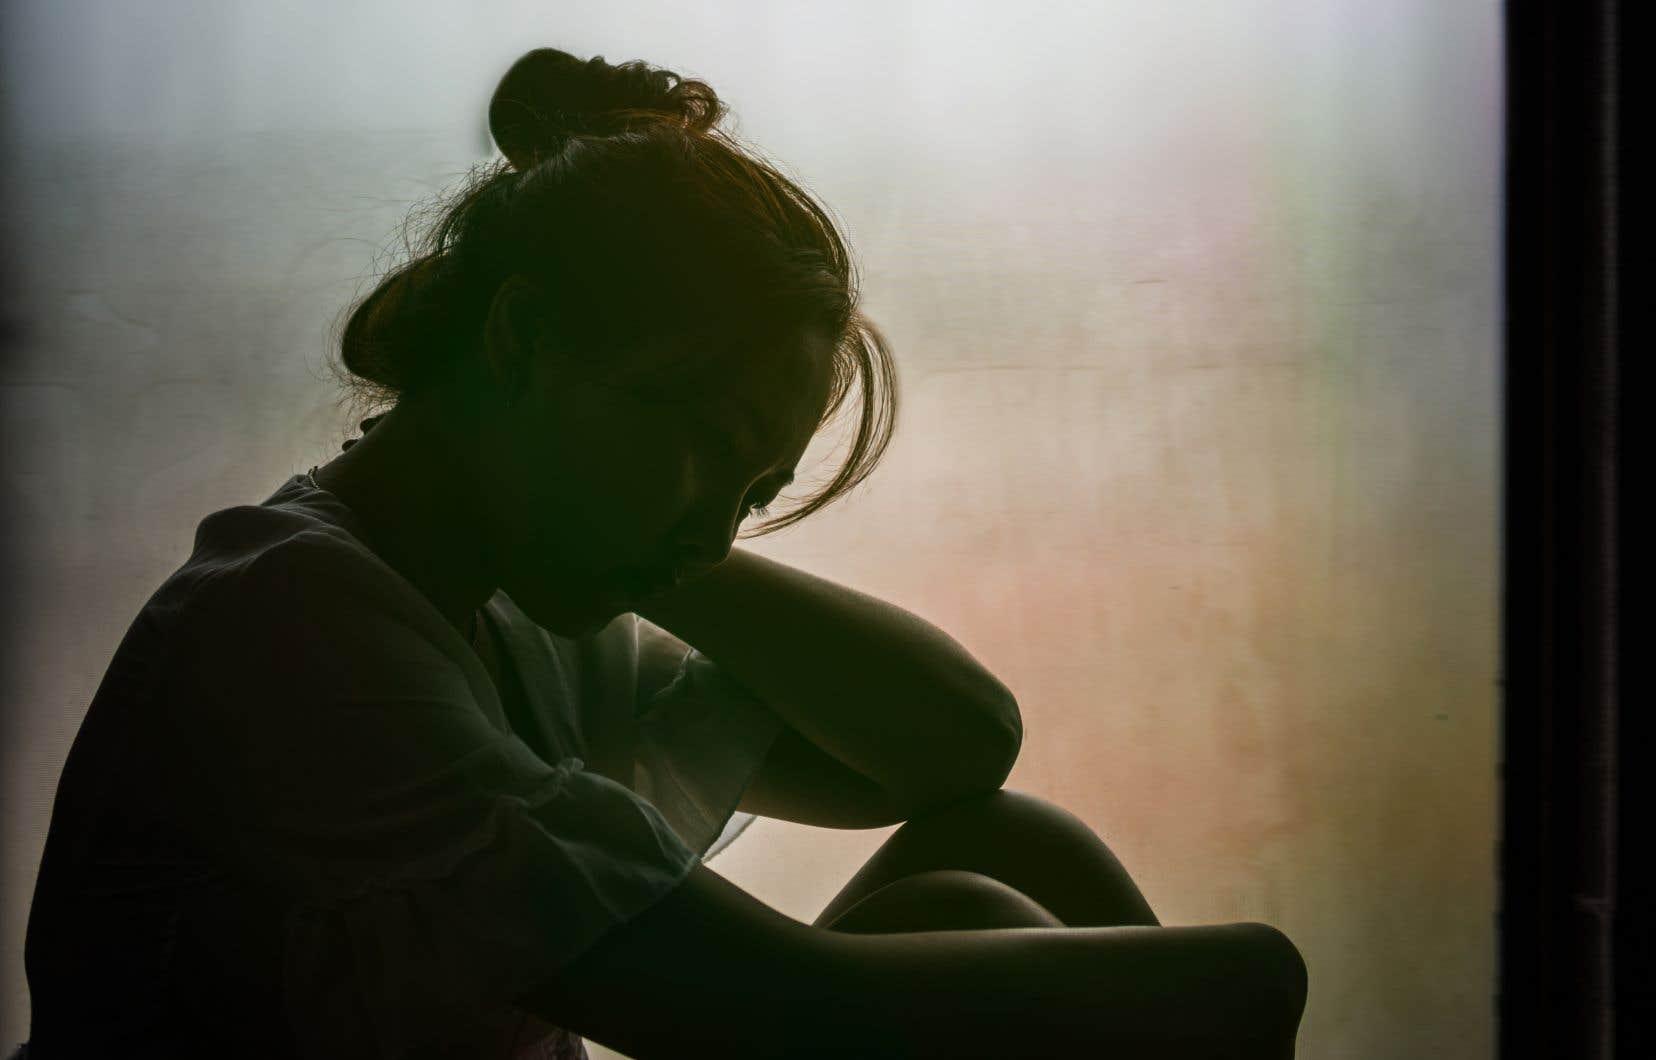 Le phénomène de la prostitution juvénile s'est répandu et est devenu banal avec l'Internet et les nouvelles technologies.